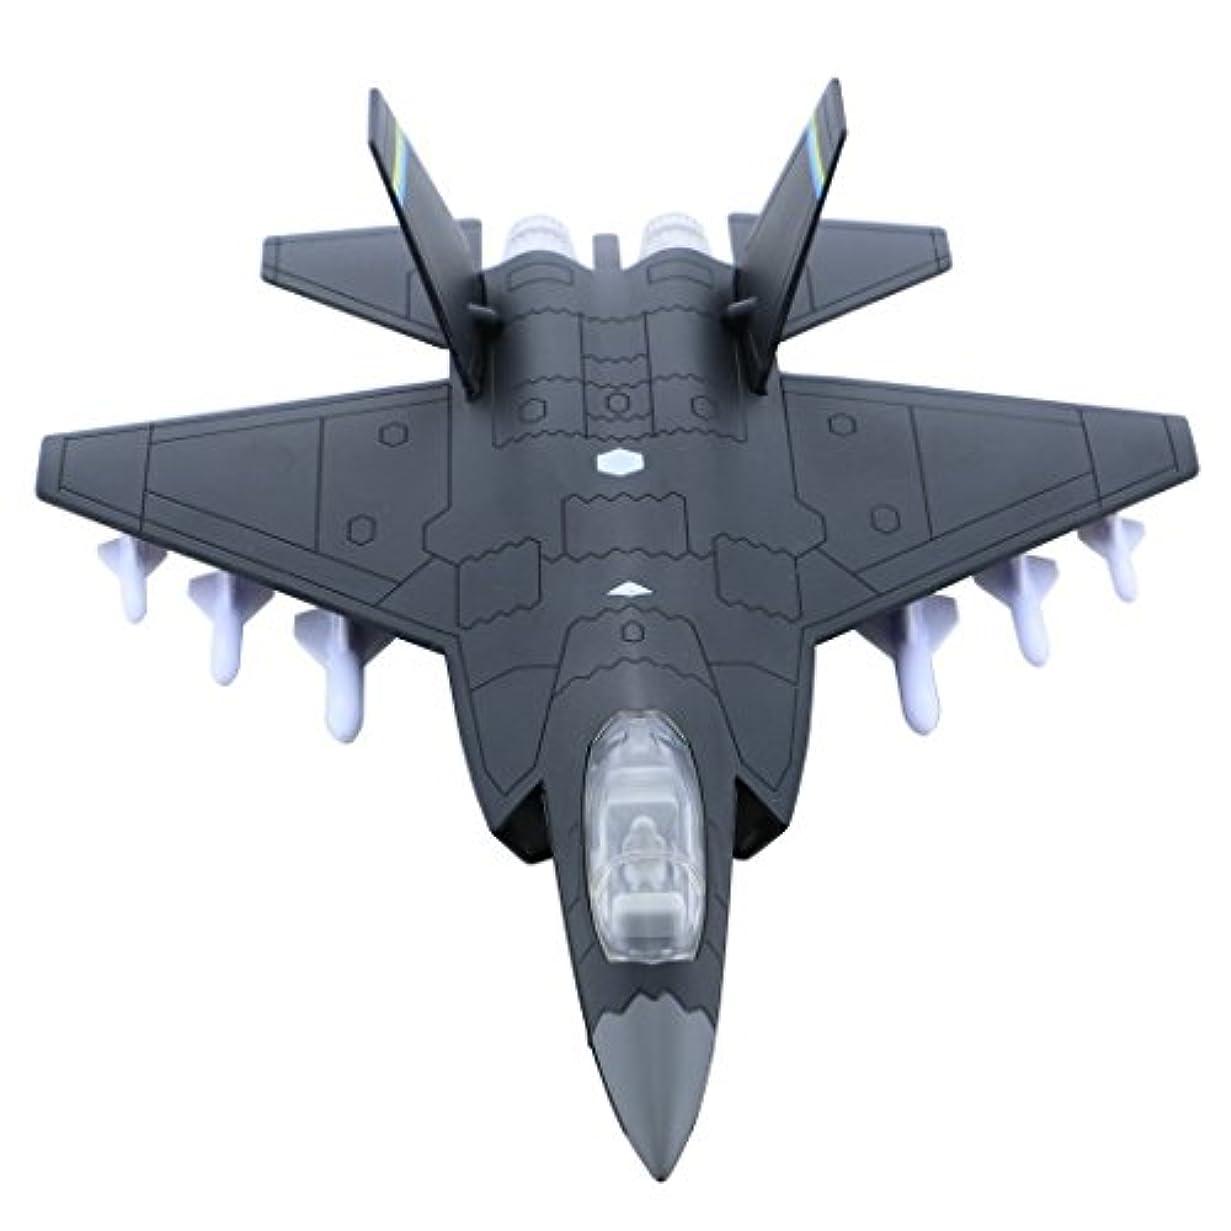 虎魅力旧正月hsomid合金Planes /飛行機/ Aircraft Toy with Pull Back Stealth Bombers and Fighter Planes ブラック